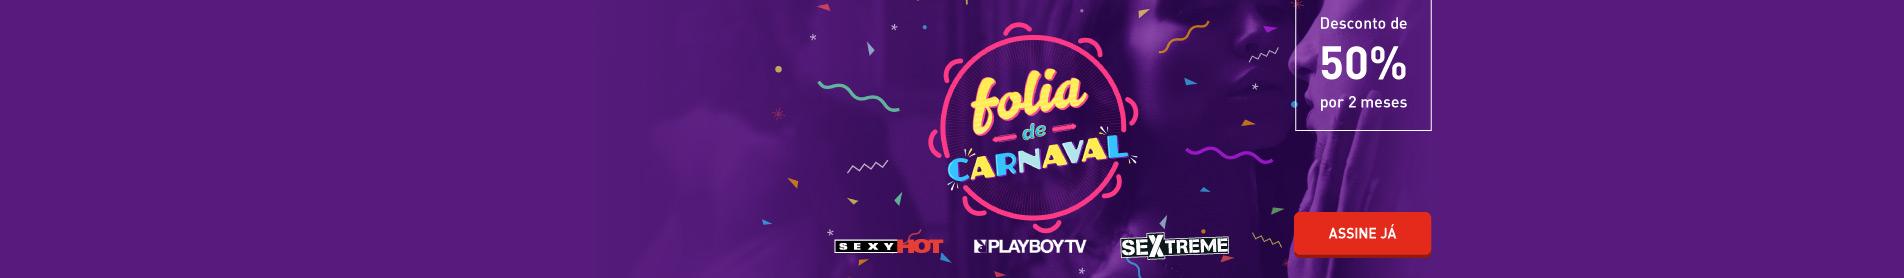 Neste carnaval aproveite o clima e assine os canais adultos.